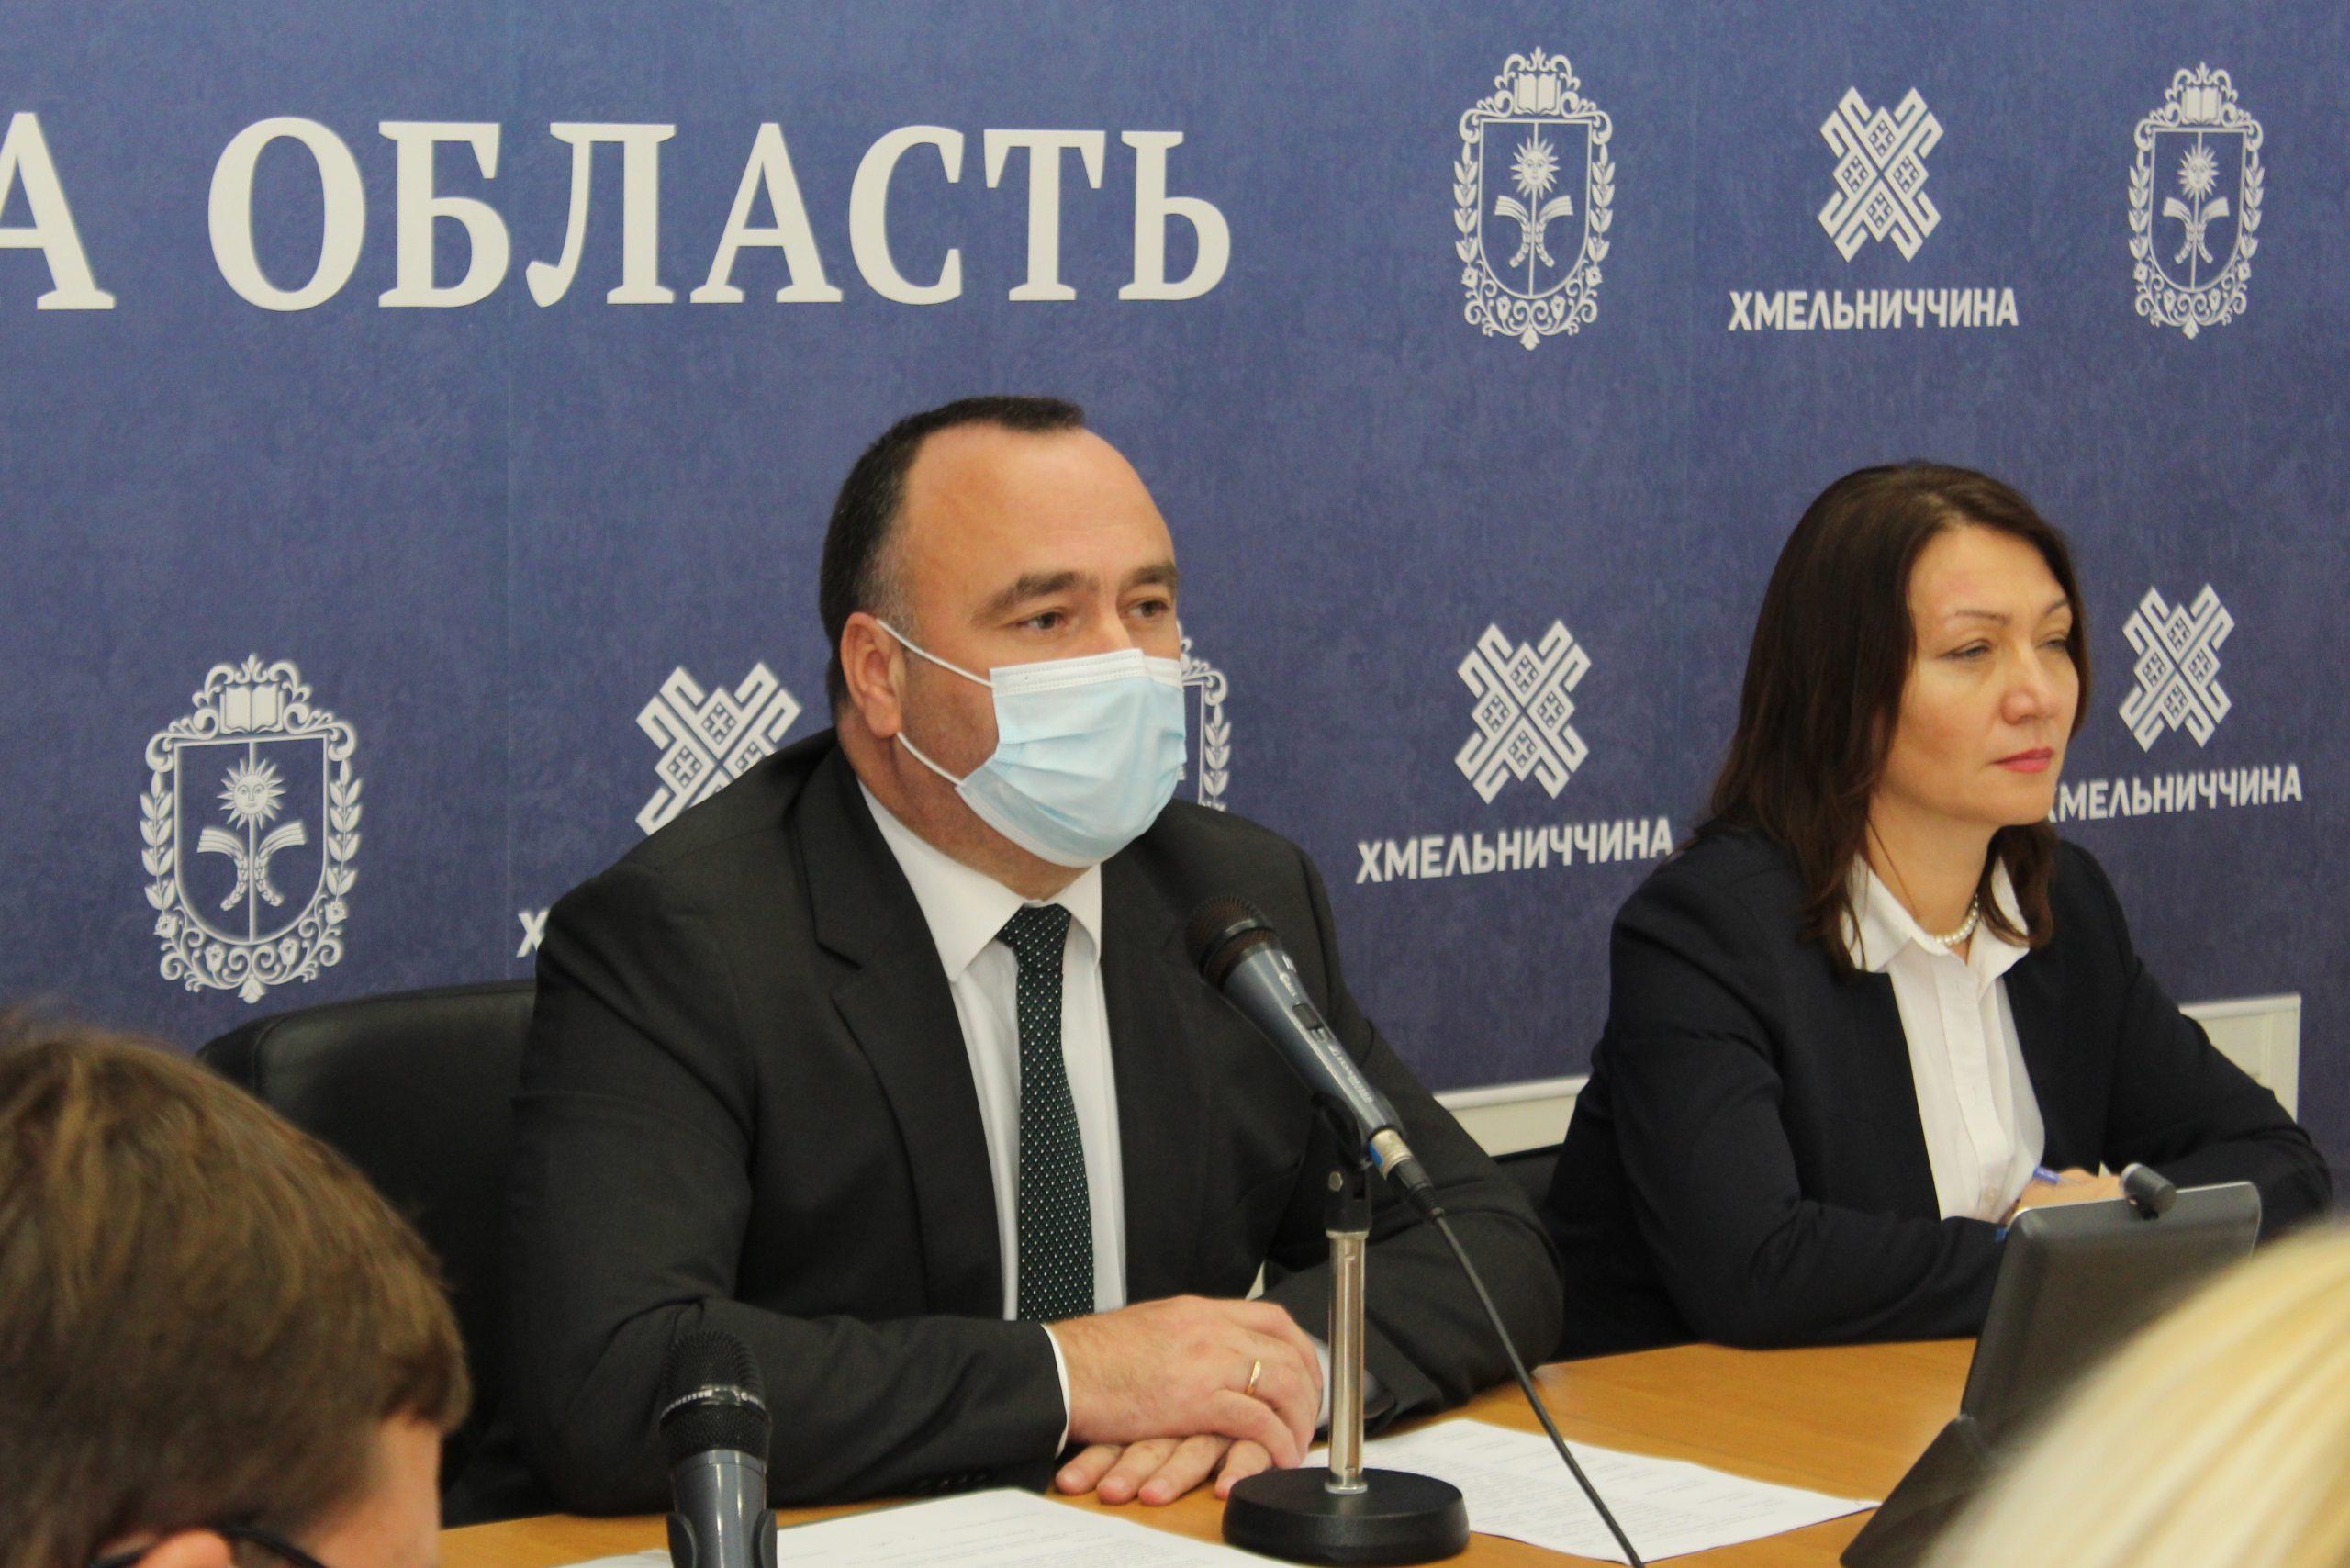 Володимир Юр'єв взяв участь у засіданні колегії Департаменту освіти, науки, молоді і спорту ОДА